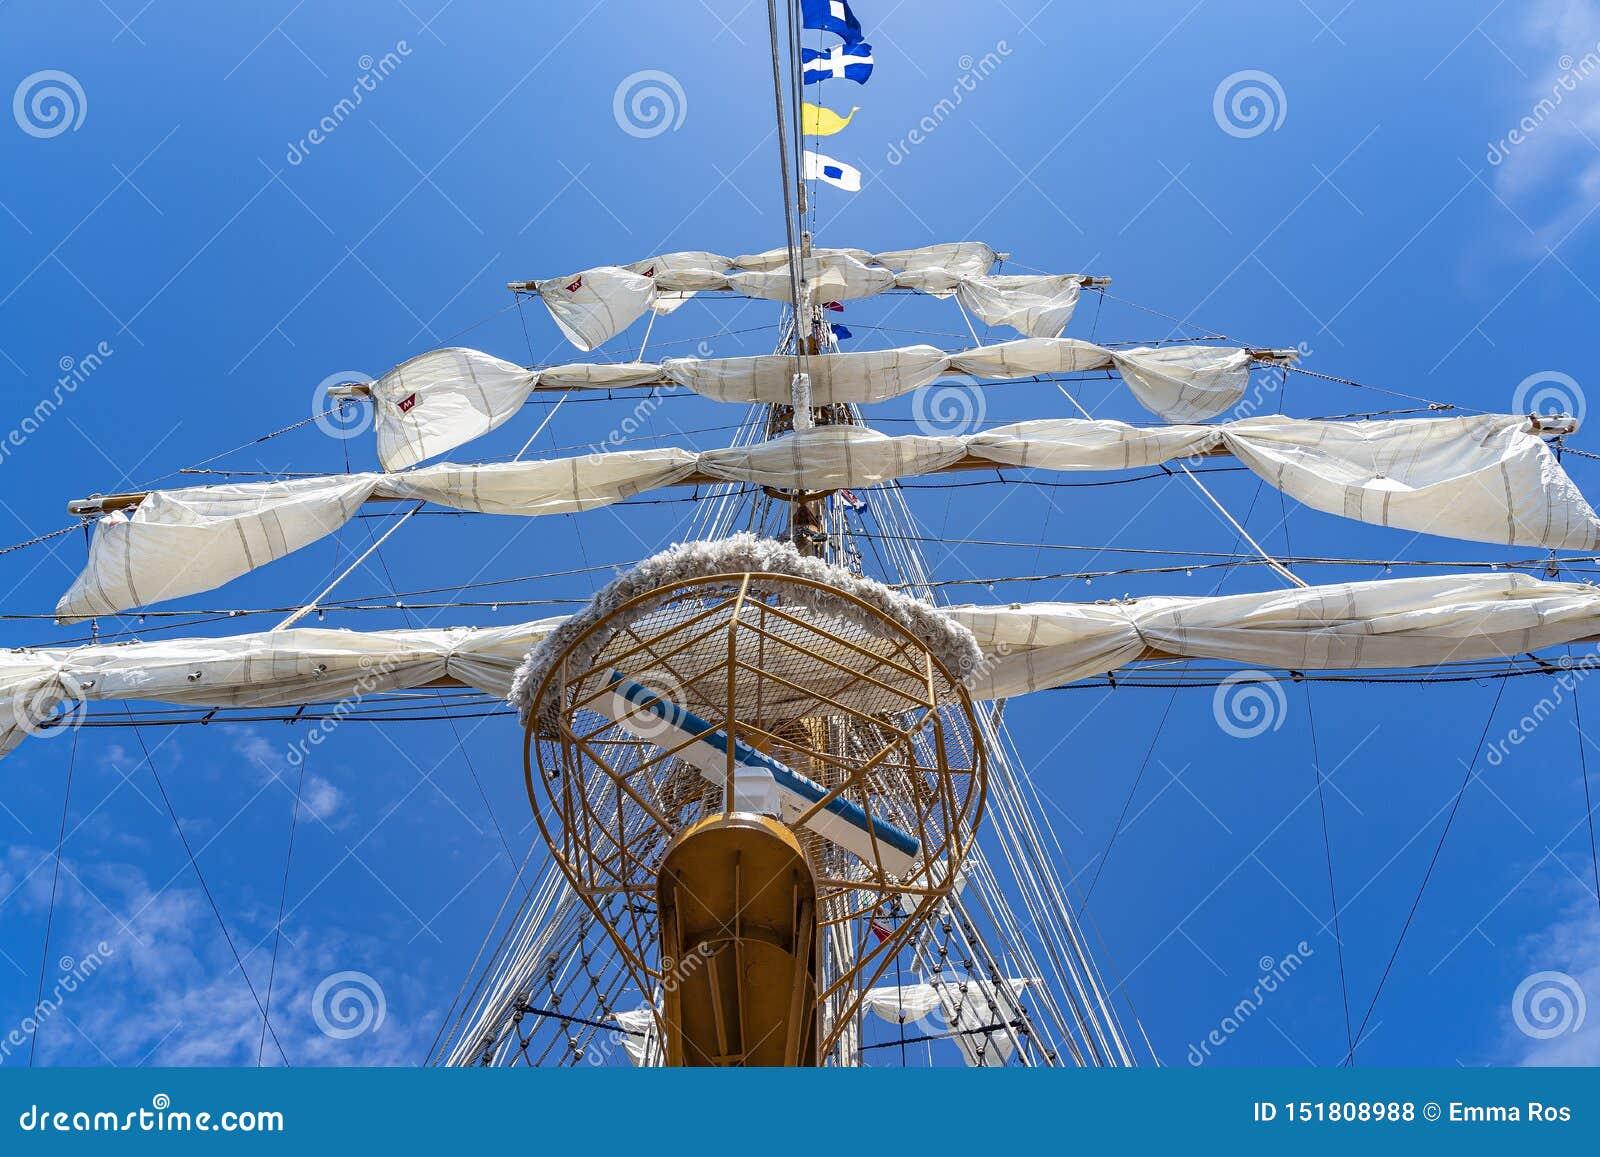 Einer der eindrucksvollen Maste tallship ARMES Cuauhtémoc im Hafen von Scheveningen